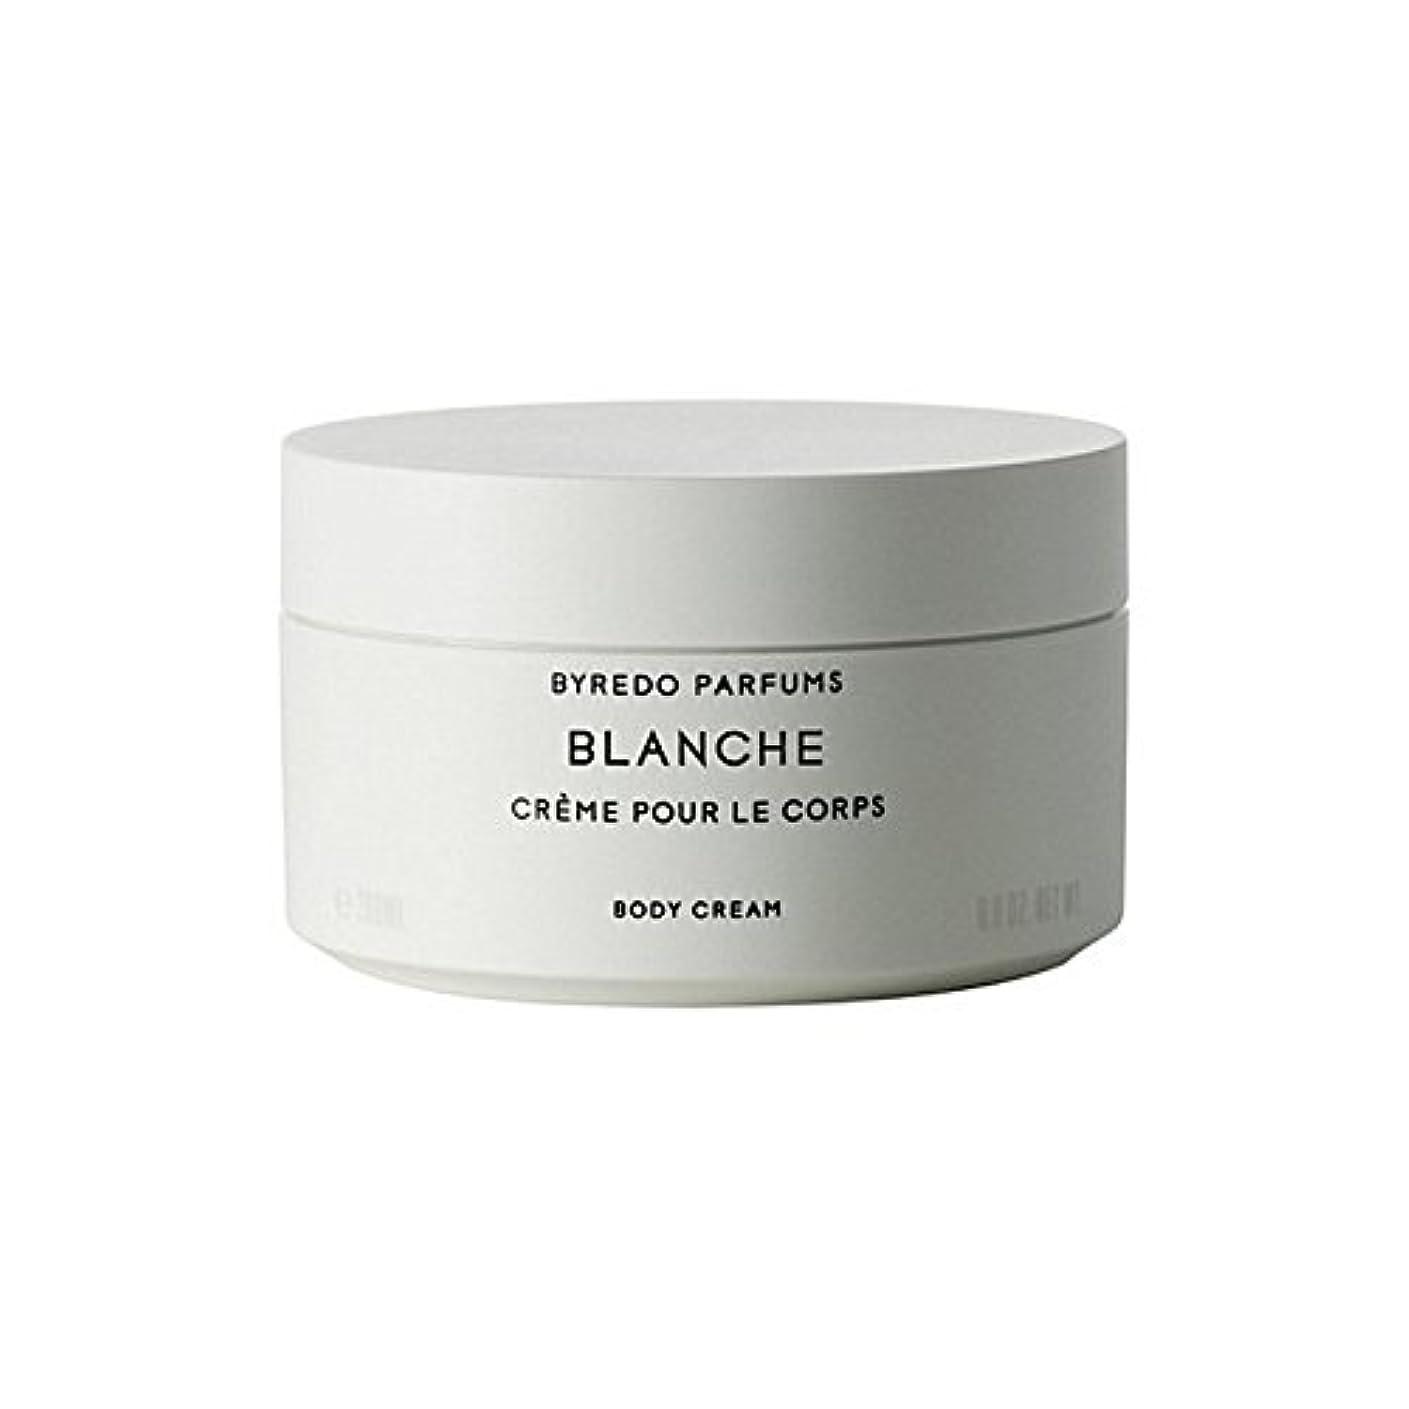 ダニリーン長いですByredo Blanche Body Cream 200ml (Pack of 6) - ブランシュボディクリーム200ミリリットル x6 [並行輸入品]